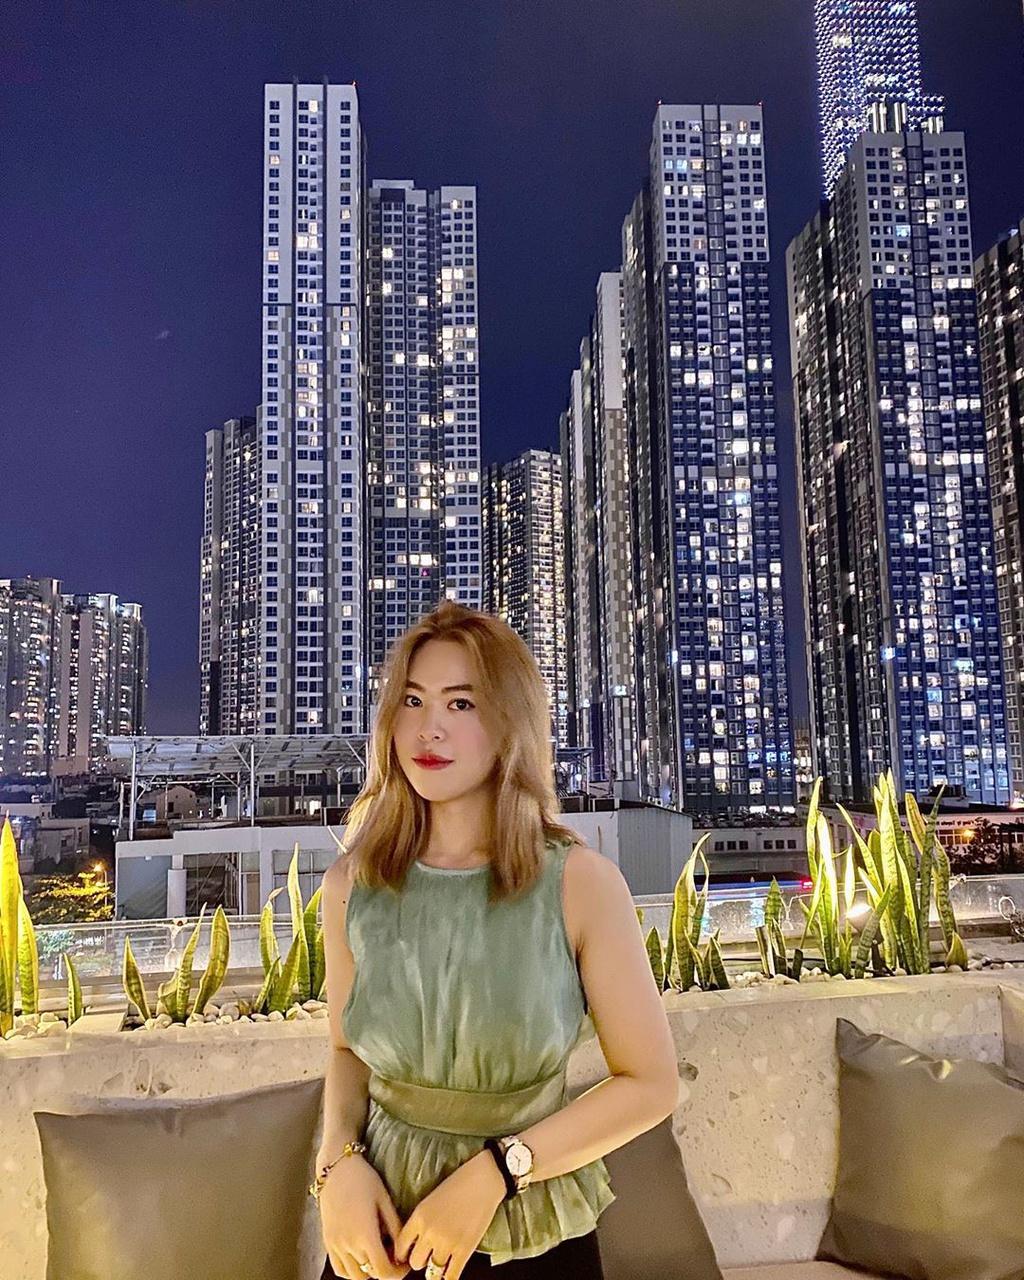 High - Sky Garden & Lounge là quán bar rooftop nằm trên đường Nguyễn Hữu Cảnh, với view nhìn ra biểu tượng Sài thành, Landmark 81. Khi đêm xuống, thành phố lên đèn, những tòa nhà rực sáng, tạo ra background sống ảo chất lừ cho giới trẻ. Bạn nên đặt chỗ trước để có view ưng ý. Các món nước dao động từ 119.000-239.000 đồng. Điểm đánh giá: 8.0/10. Giờ mở cửa: 17h-23h59. Ảnh: Laylaaanguyen.